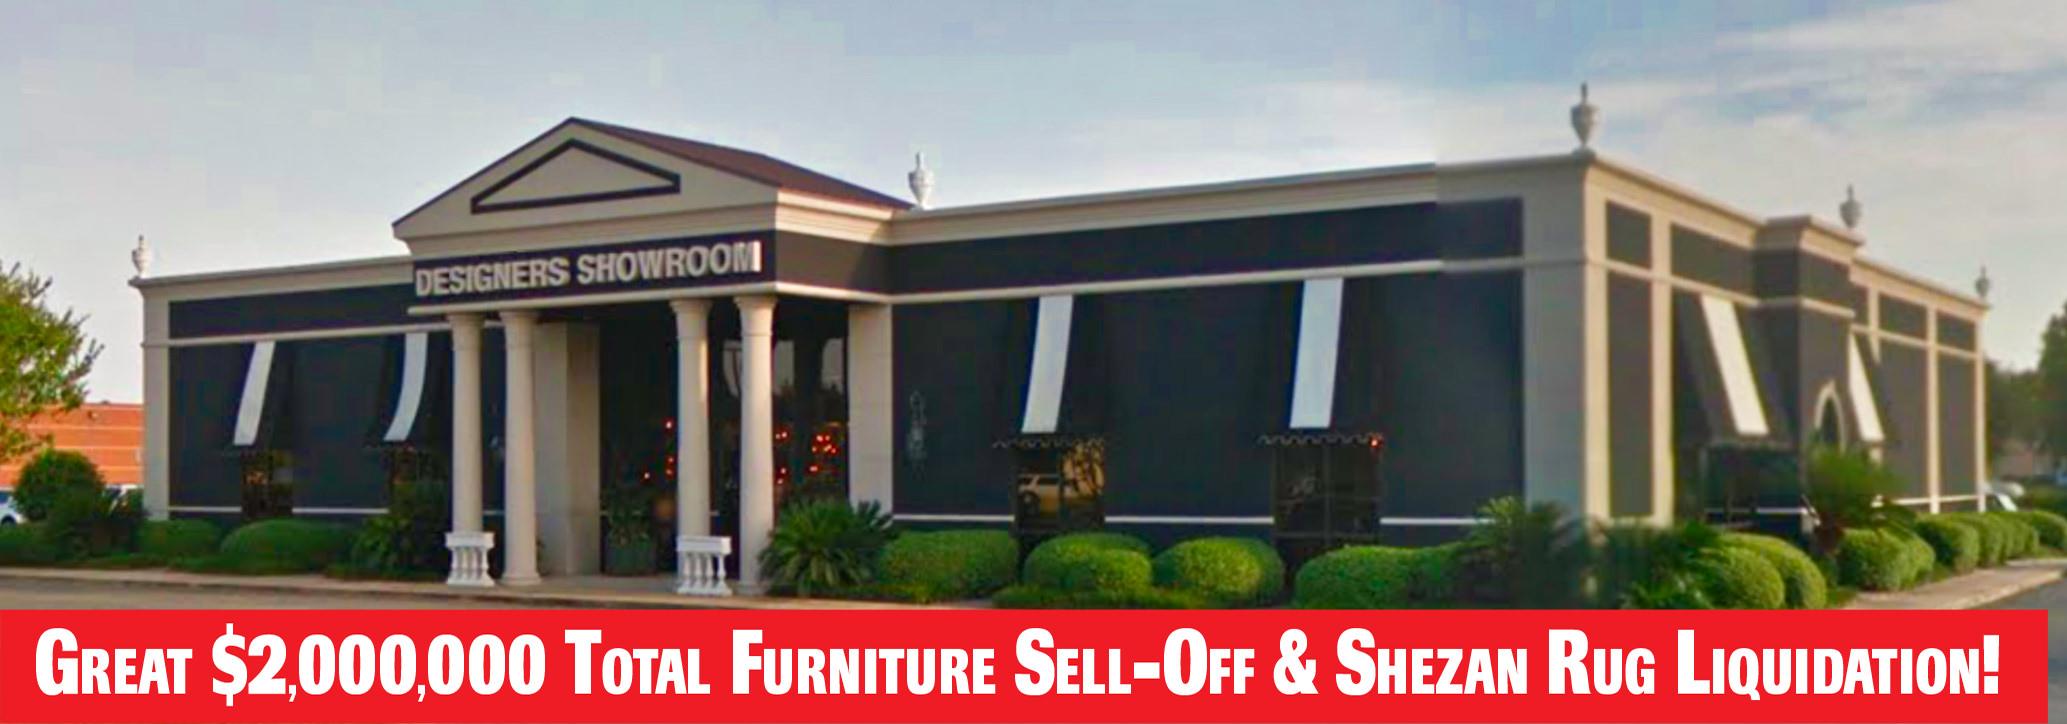 Overstock Furniture Liquidation Outlet Ask Home Design